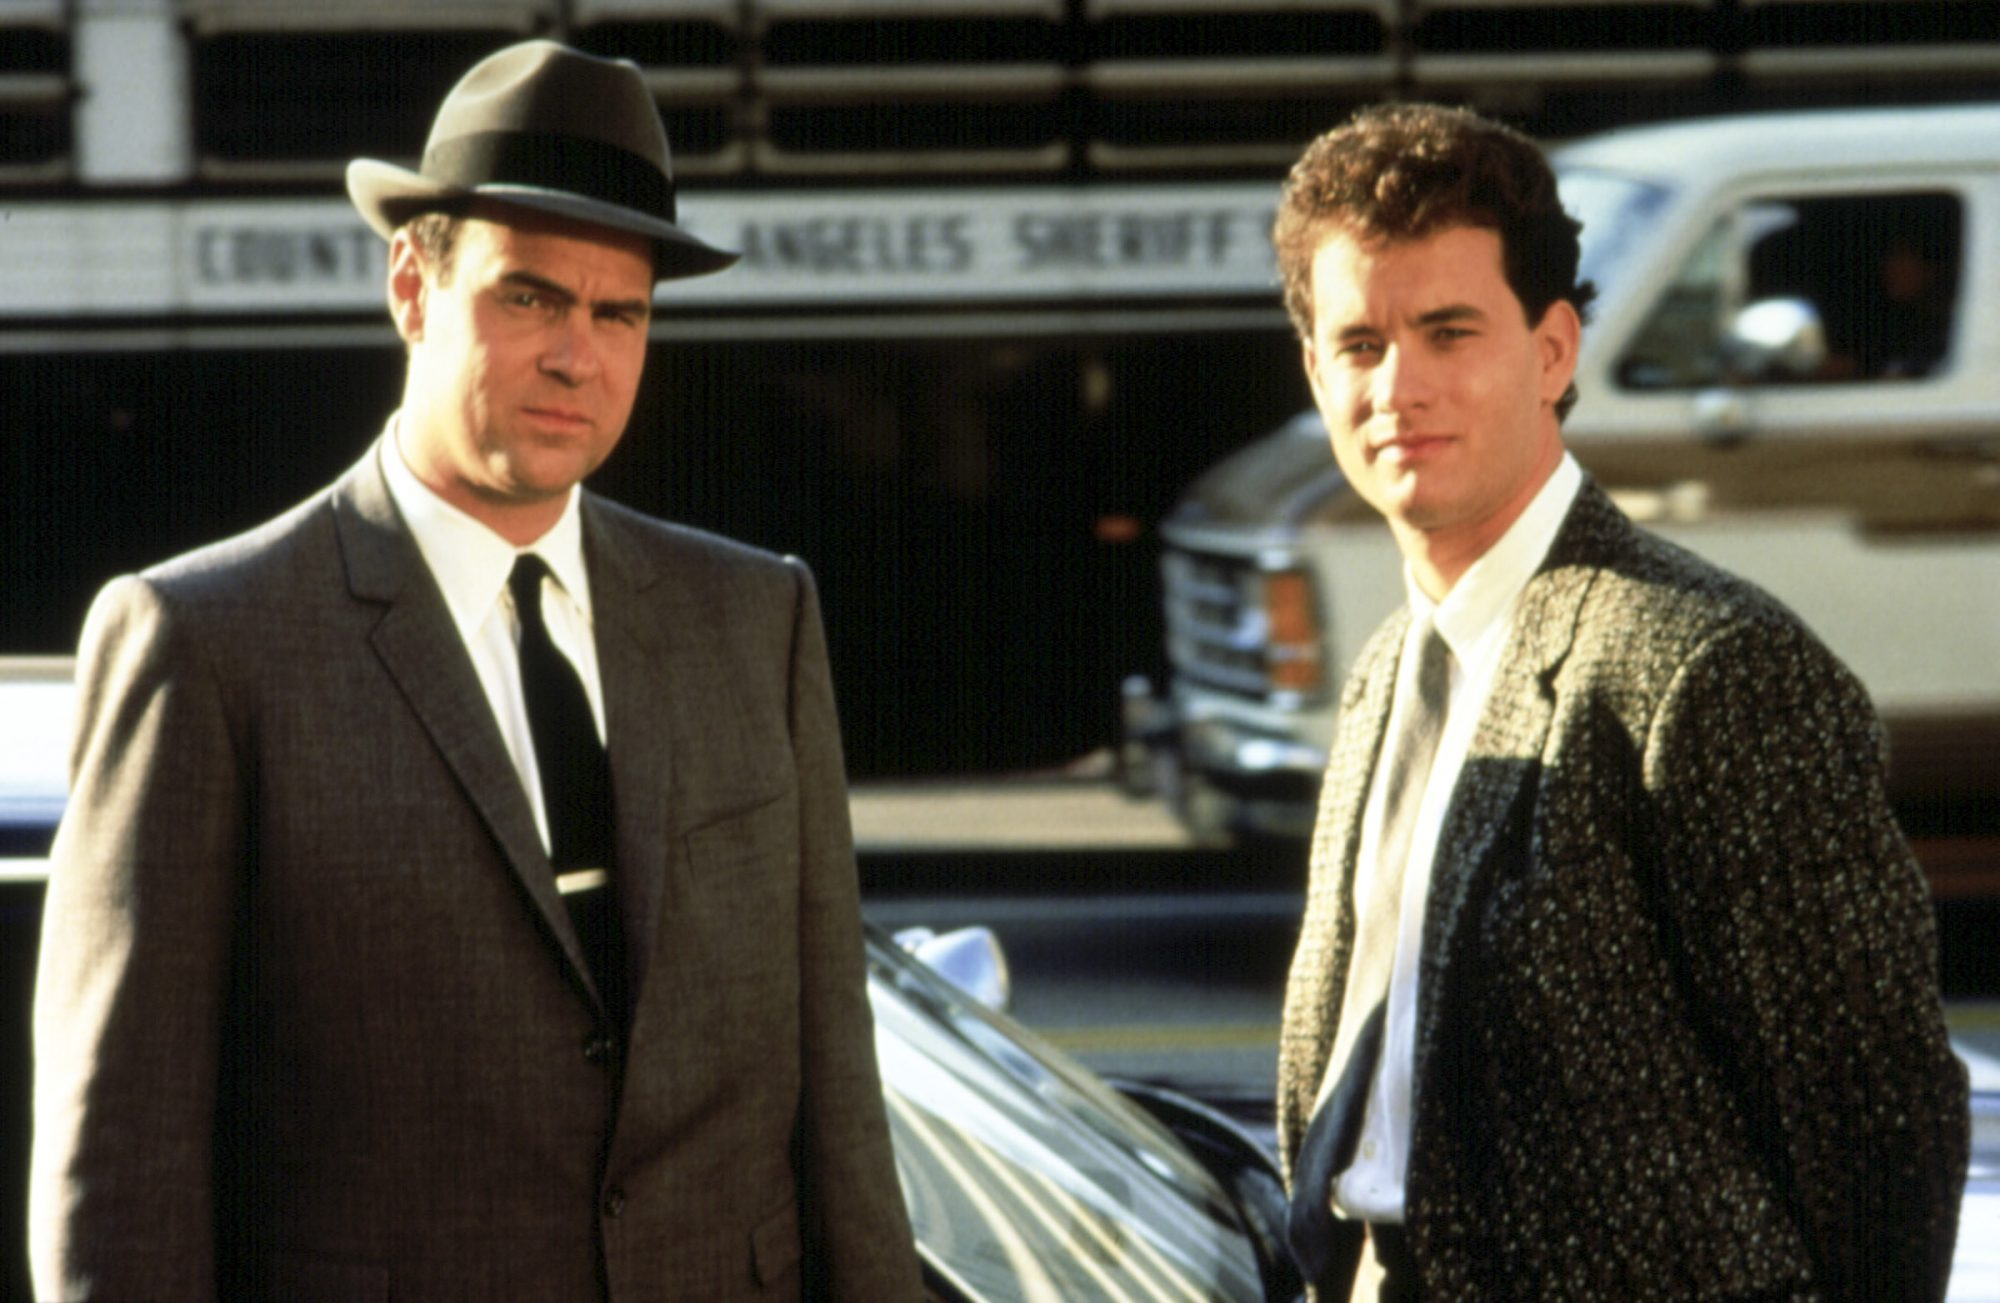 DRAGNET, Dan Aykroyd, Tom Hanks, 1987